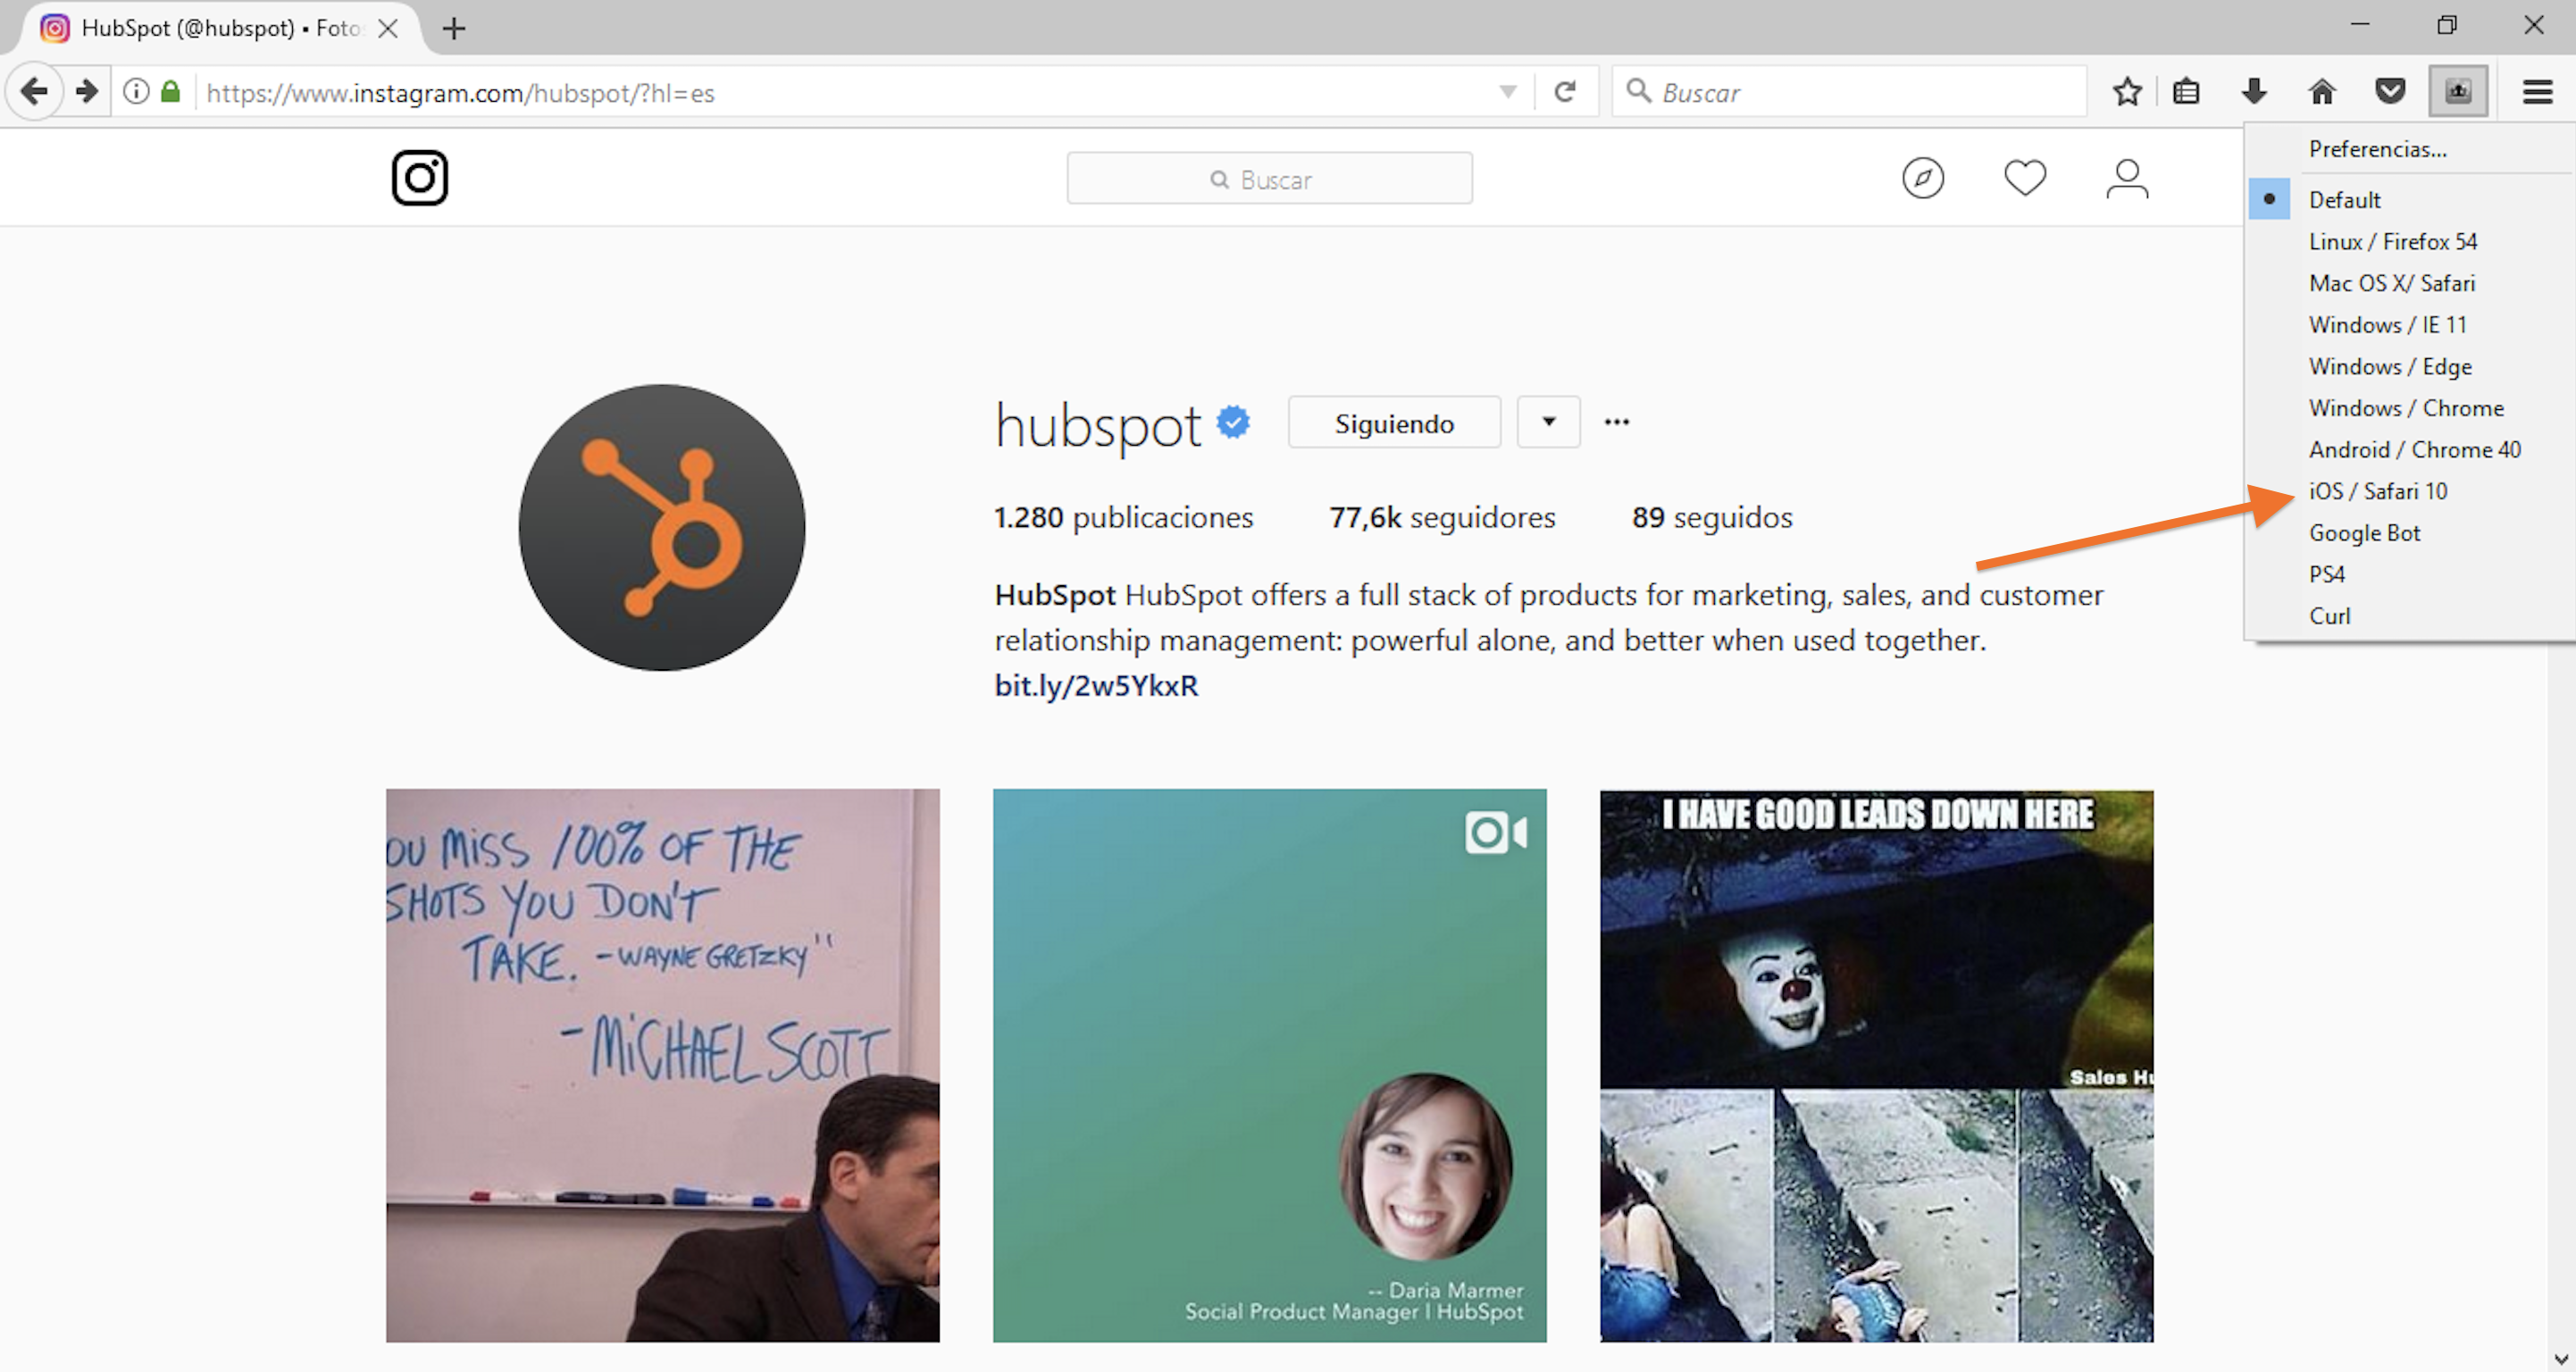 como subir fotos a instagram pc